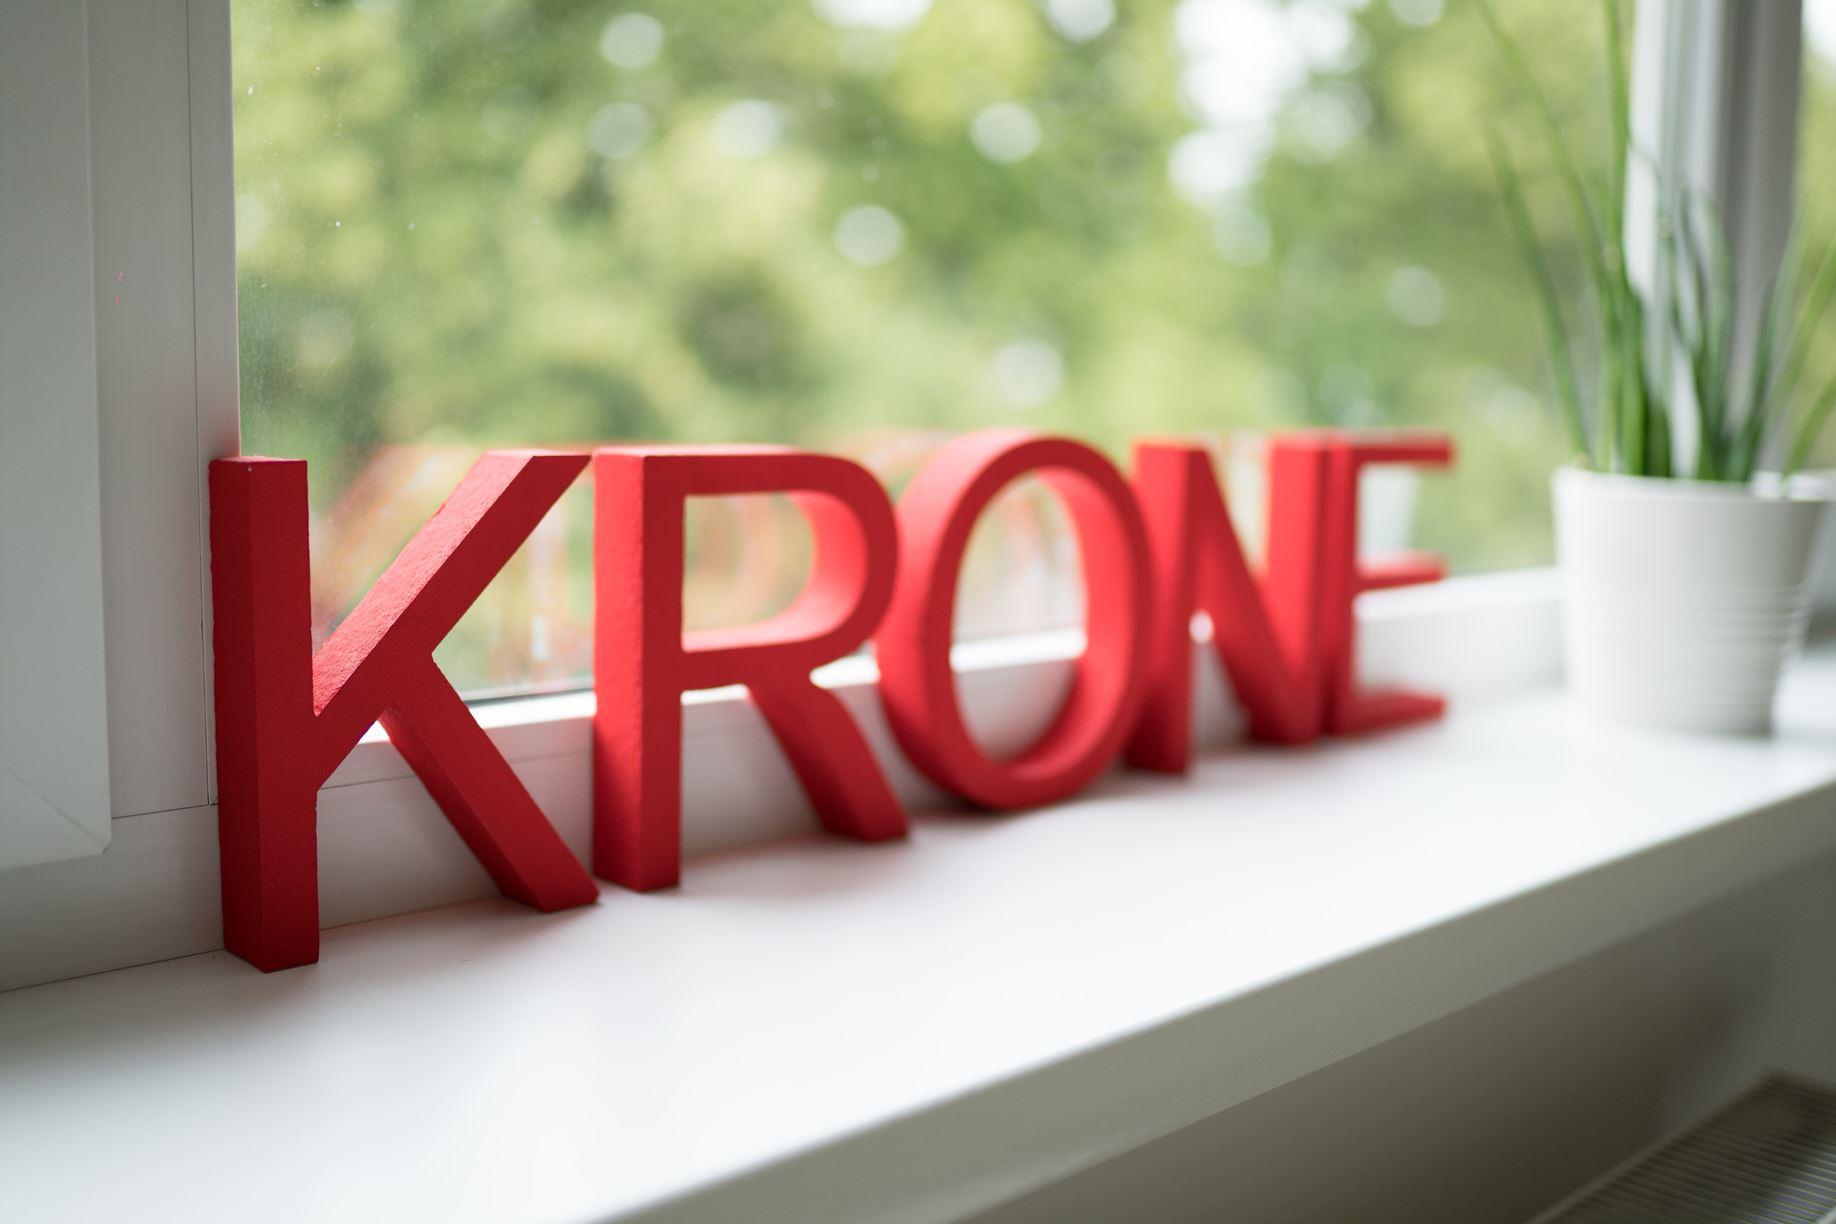 krone vision statement